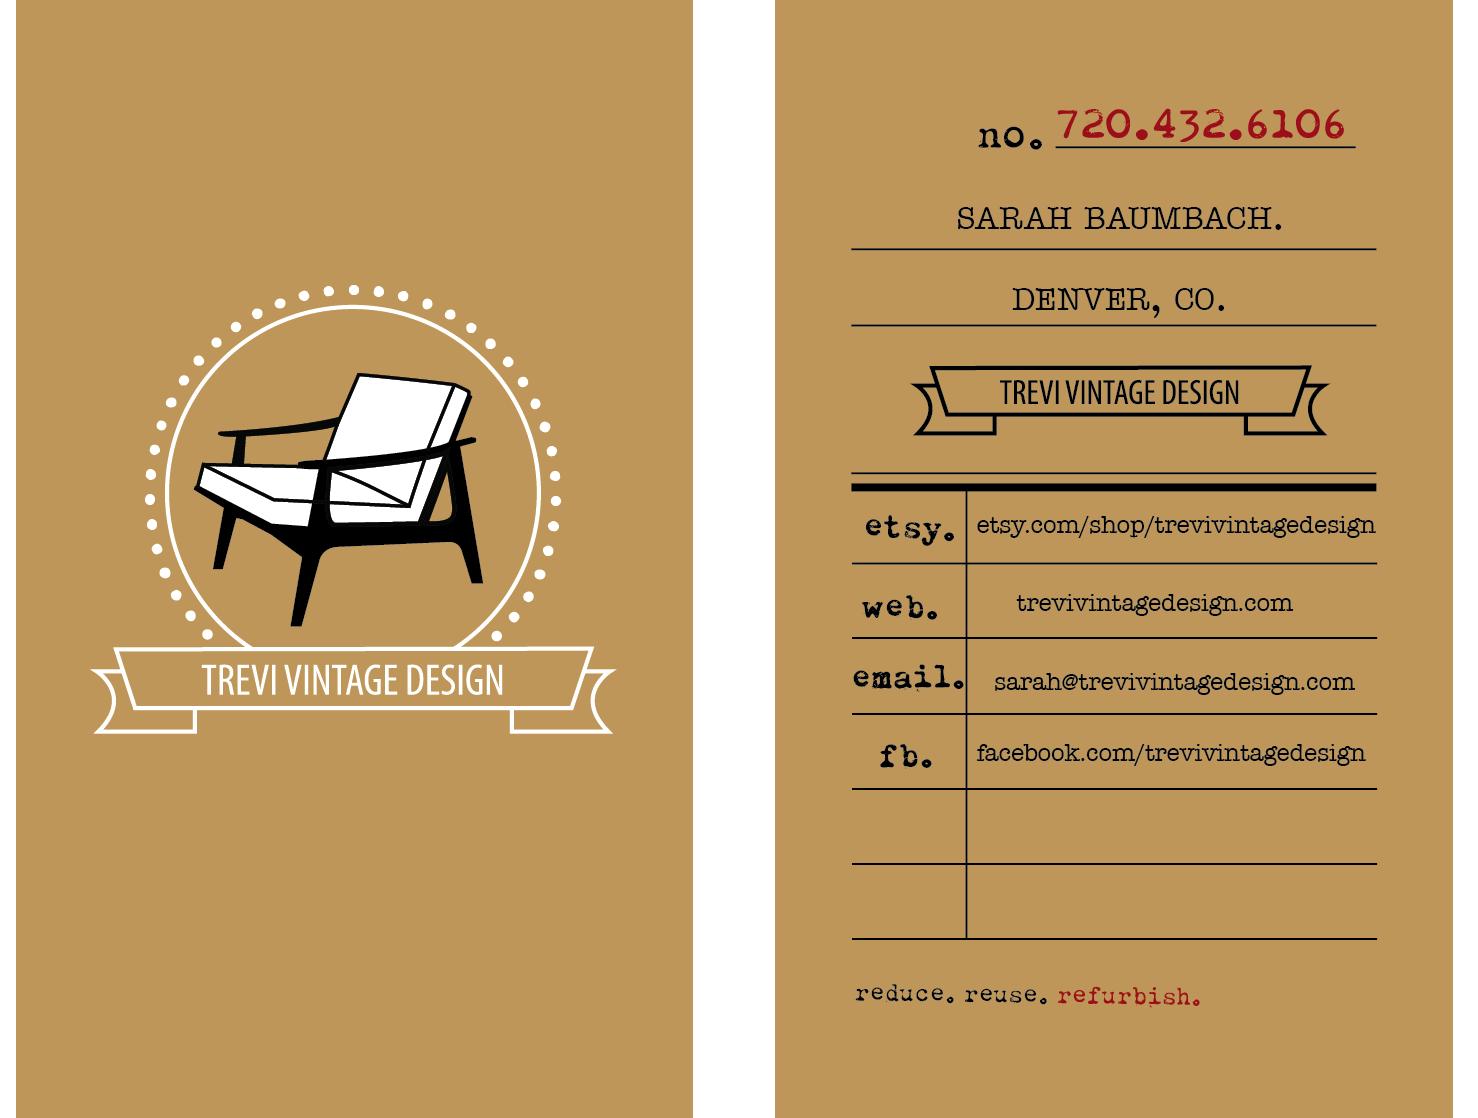 Home Trevi Vintage Design Vintage Business Cards Business Card Design Vintage Designs